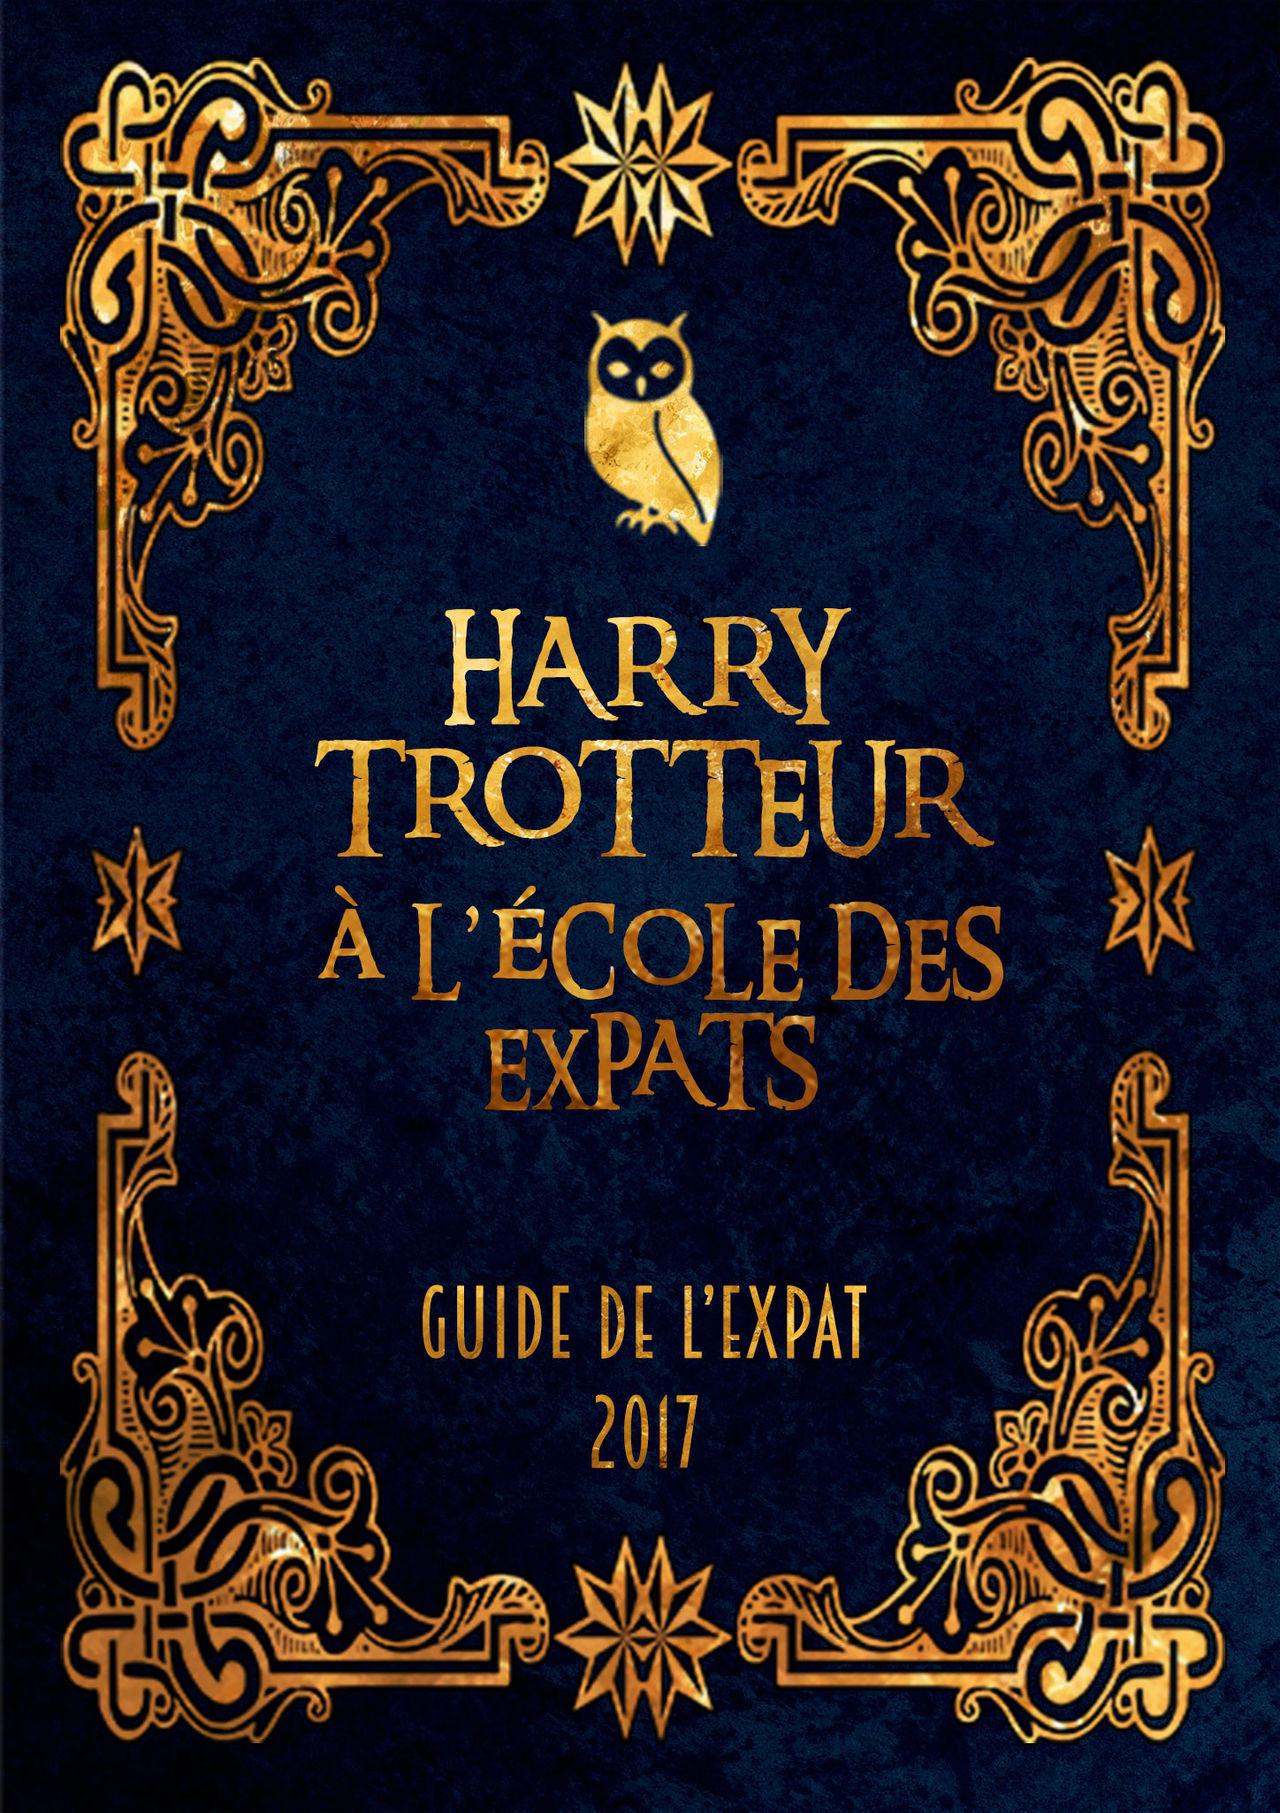 Couverture du Guide de l'Expat'